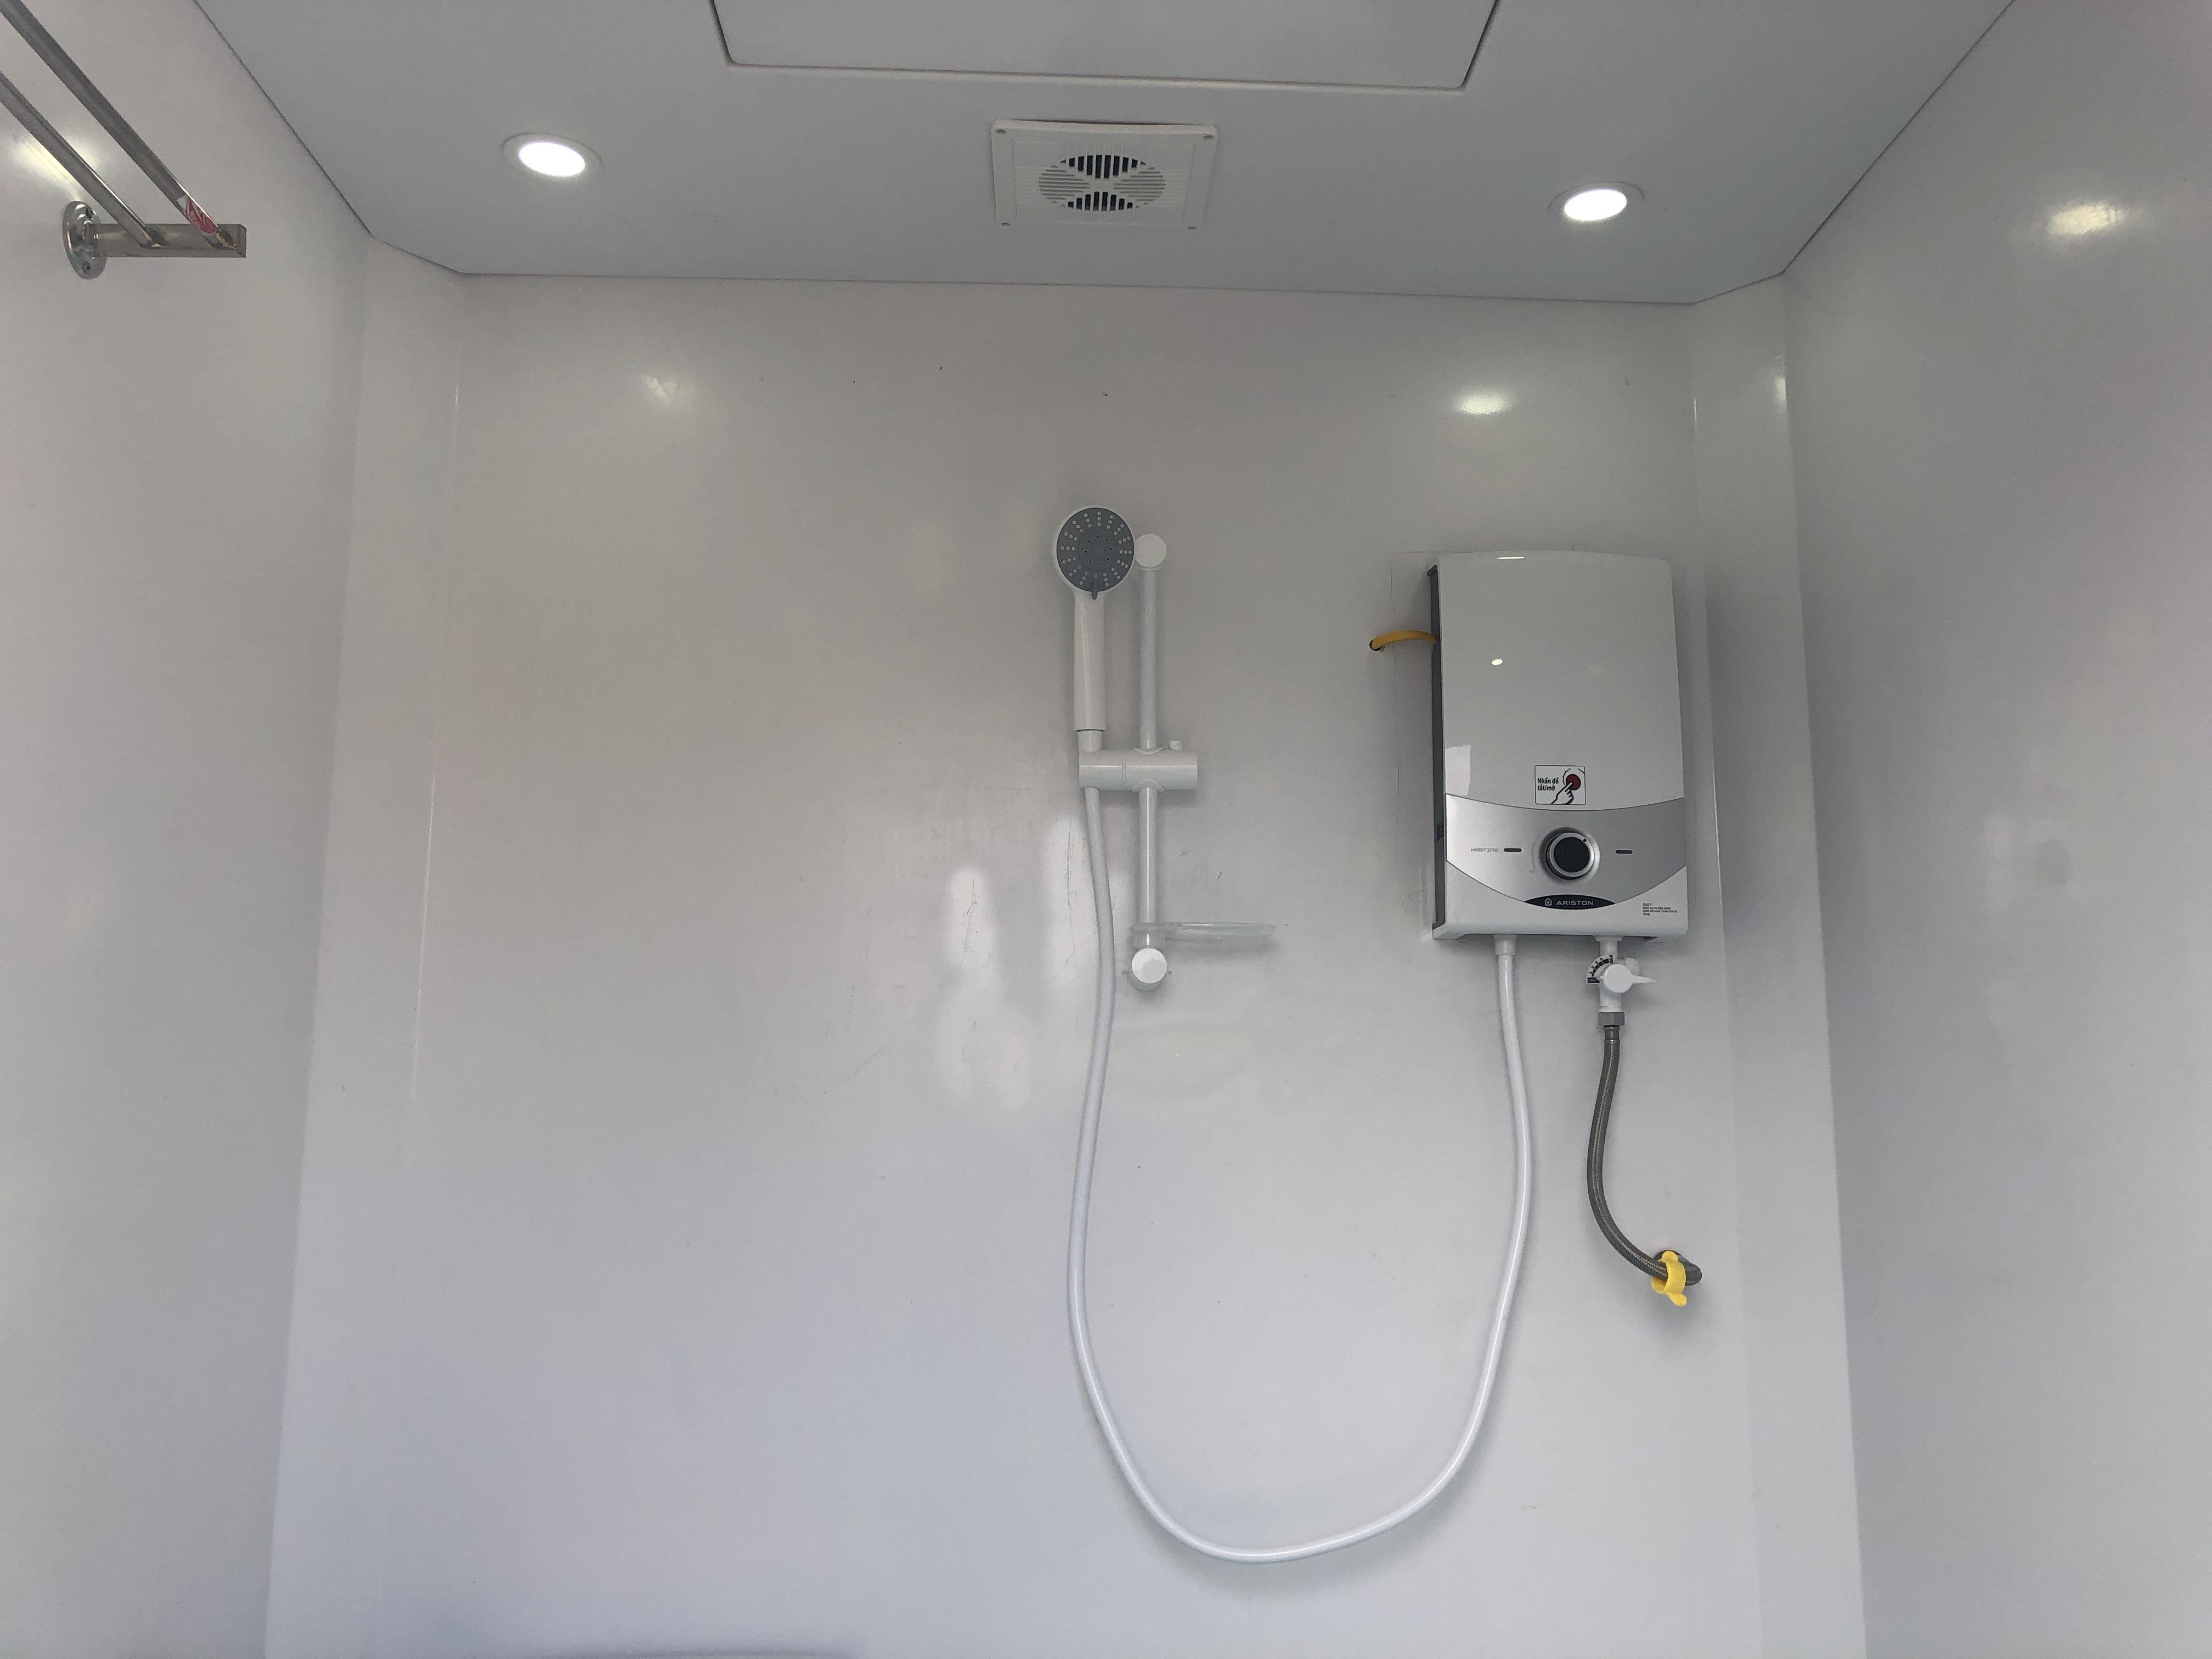 Máy nước nóng trực tiếp Ariston có bơm tăng áp được lắp cho nhà vệ sinh di động liền phòng tắm V17.2